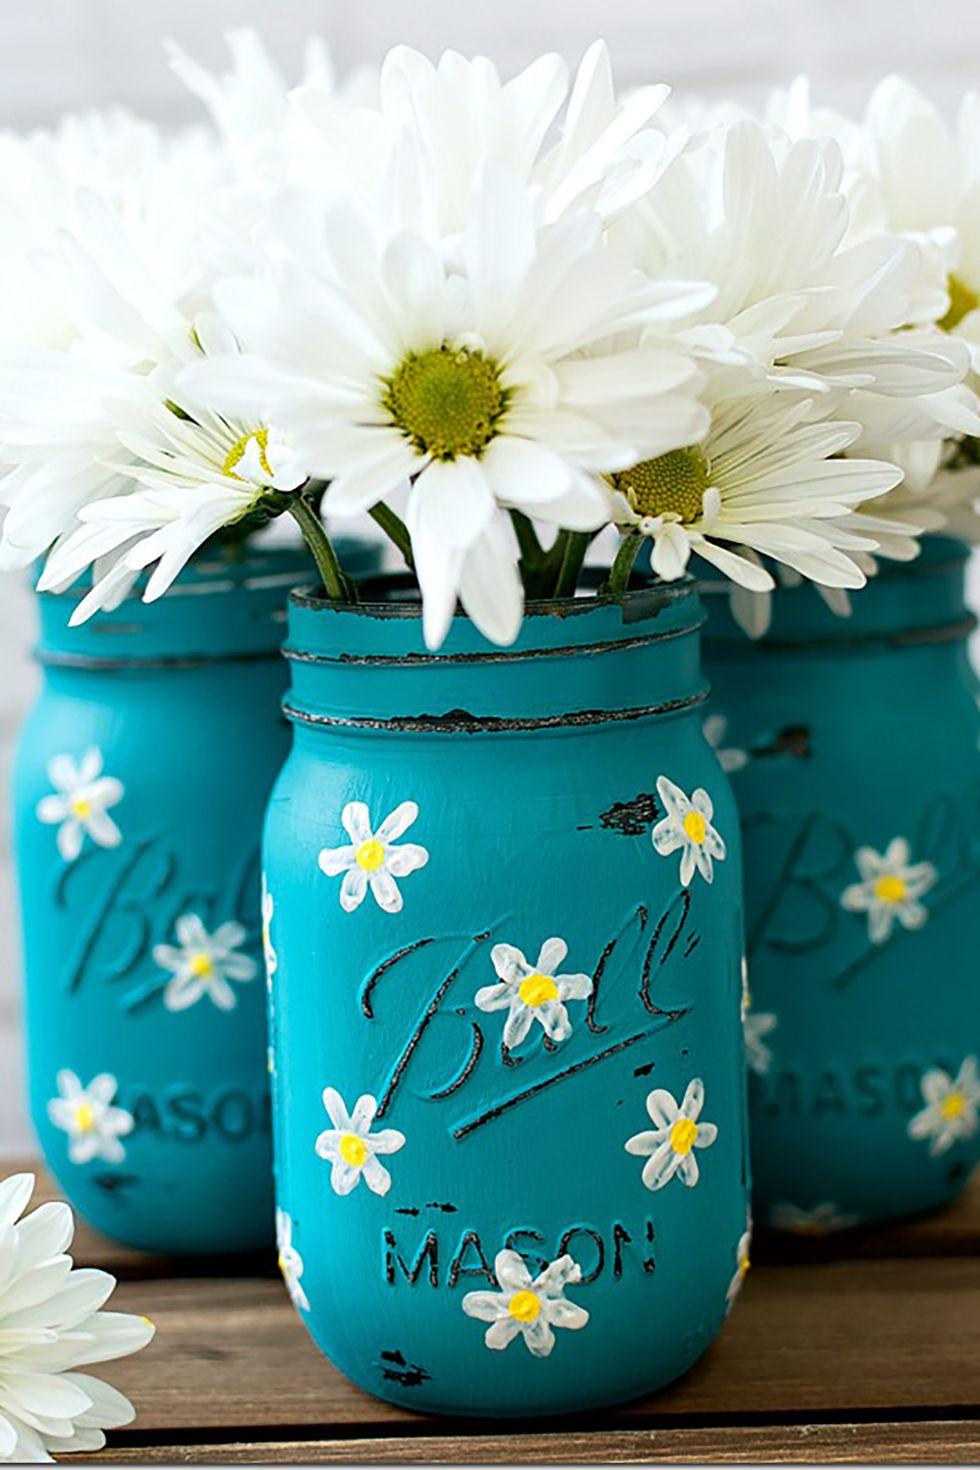 Pots Mason peints avec des marguerites